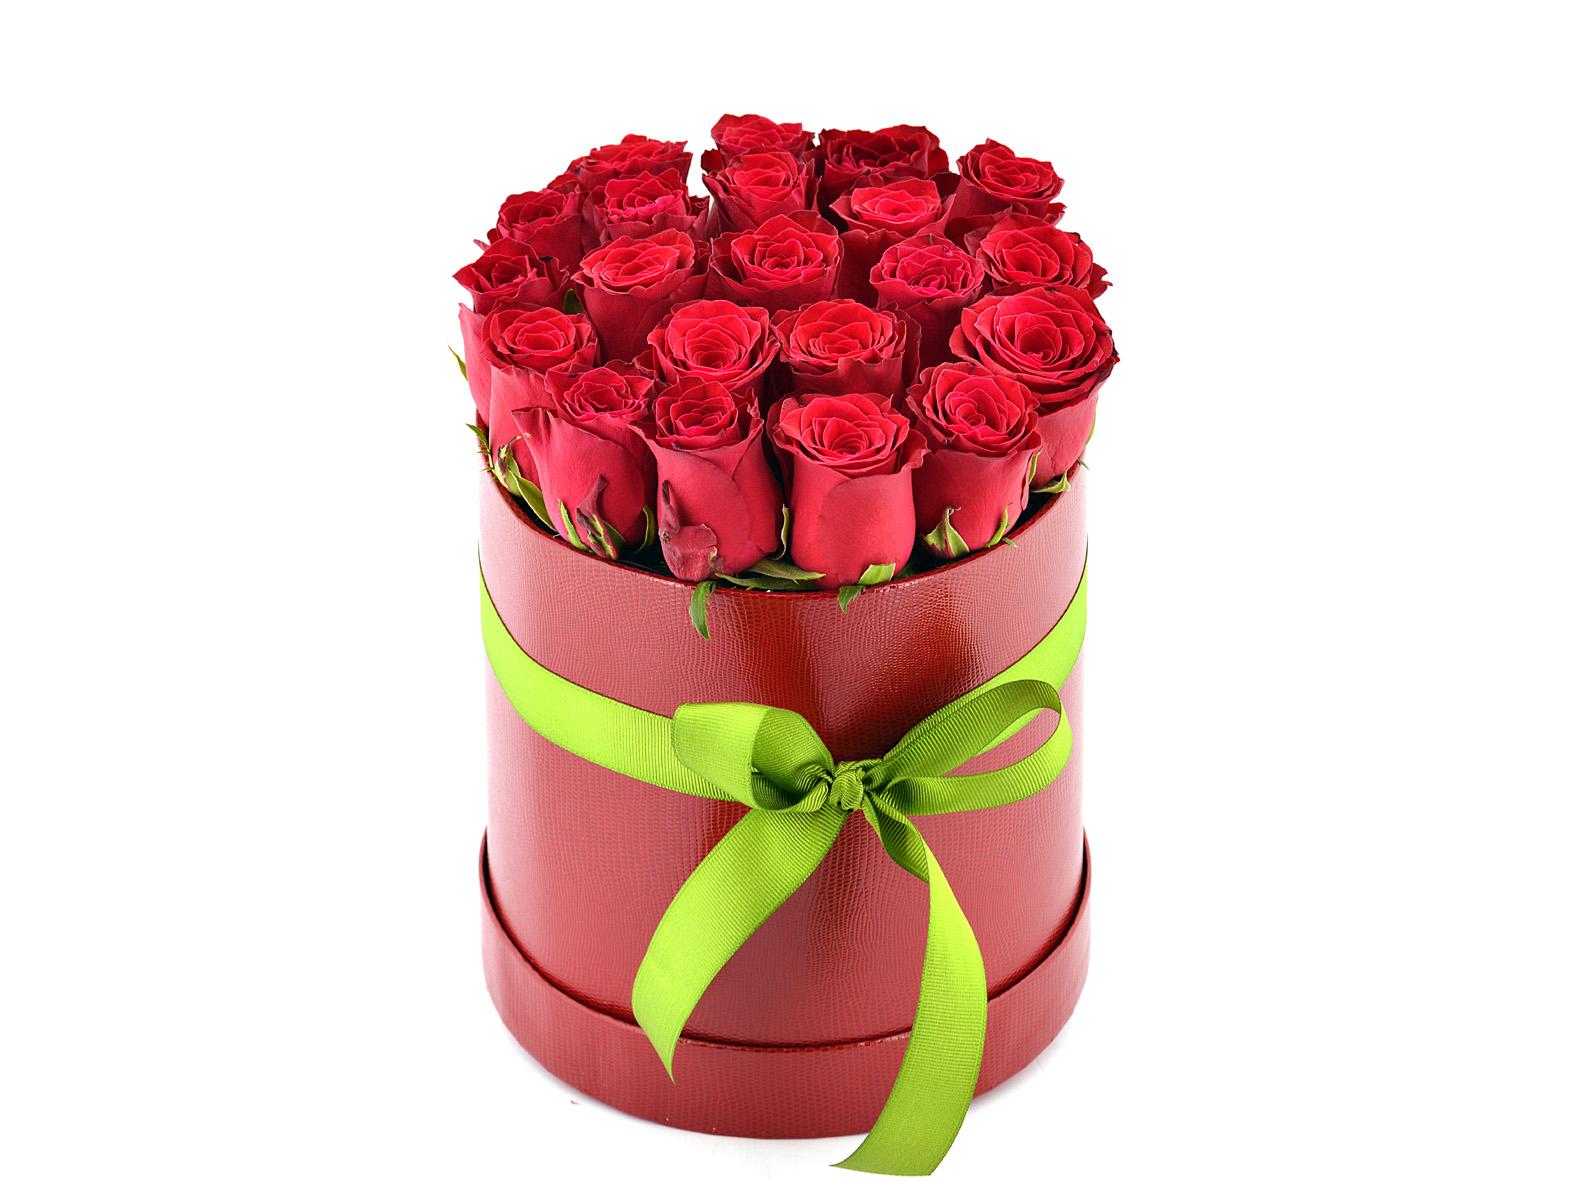 Kutu da 21 Adet Kırmızı Gül  Aranjmanlar çiçek gönder